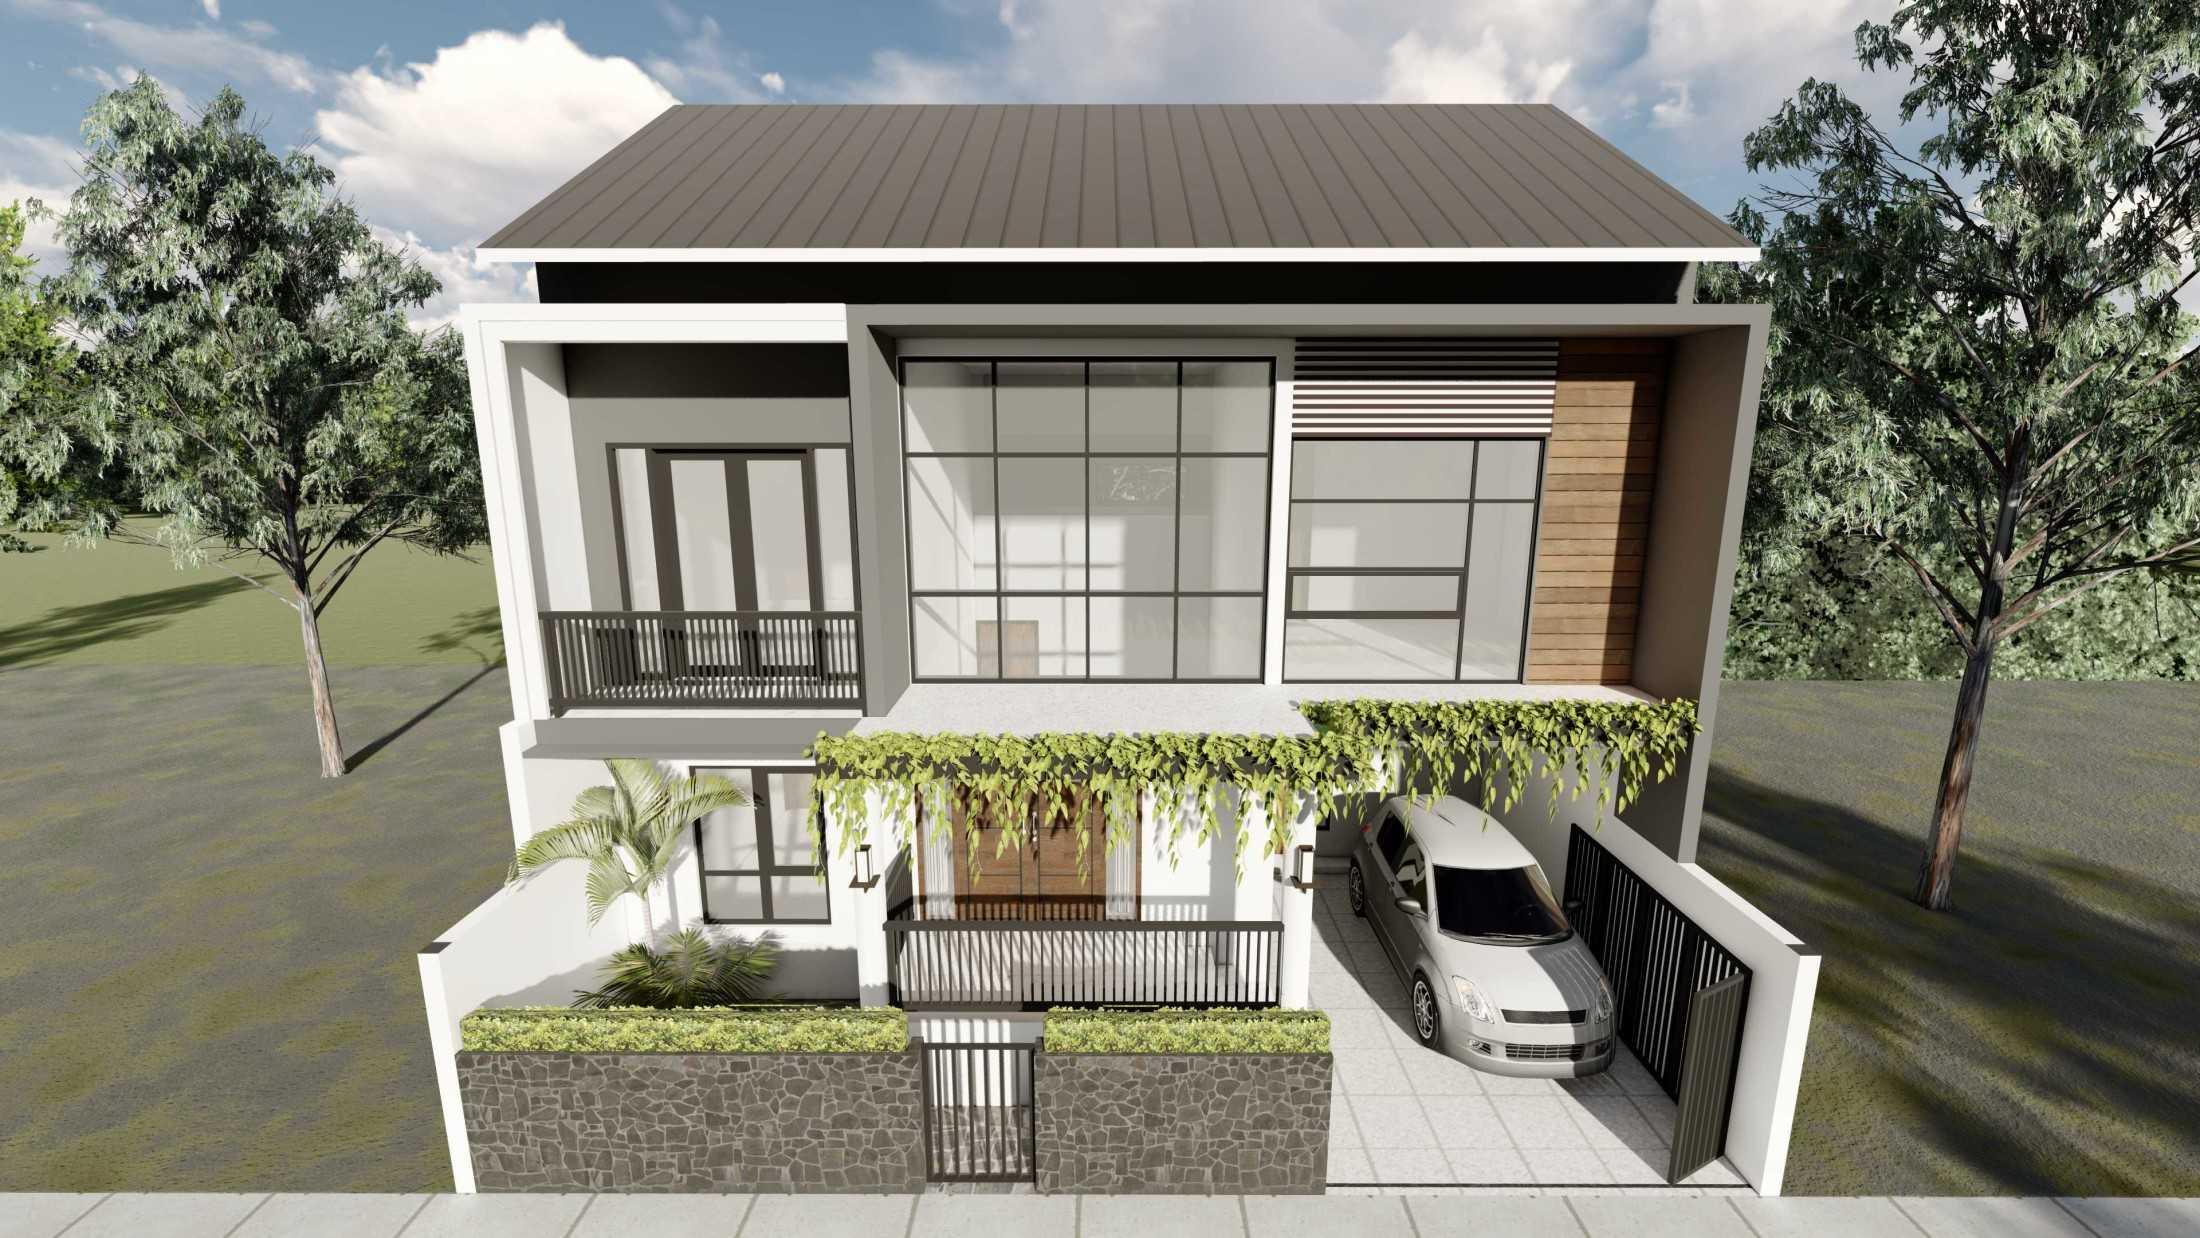 Astabumi Studio Ws House Slawi Tegal, Kota Tegal, Jawa Tengah, Indonesia Padang Cv-Astabumi-Manunggal-Prakarsa-Rumah-2-Lantai-Modern-Lokal  119354